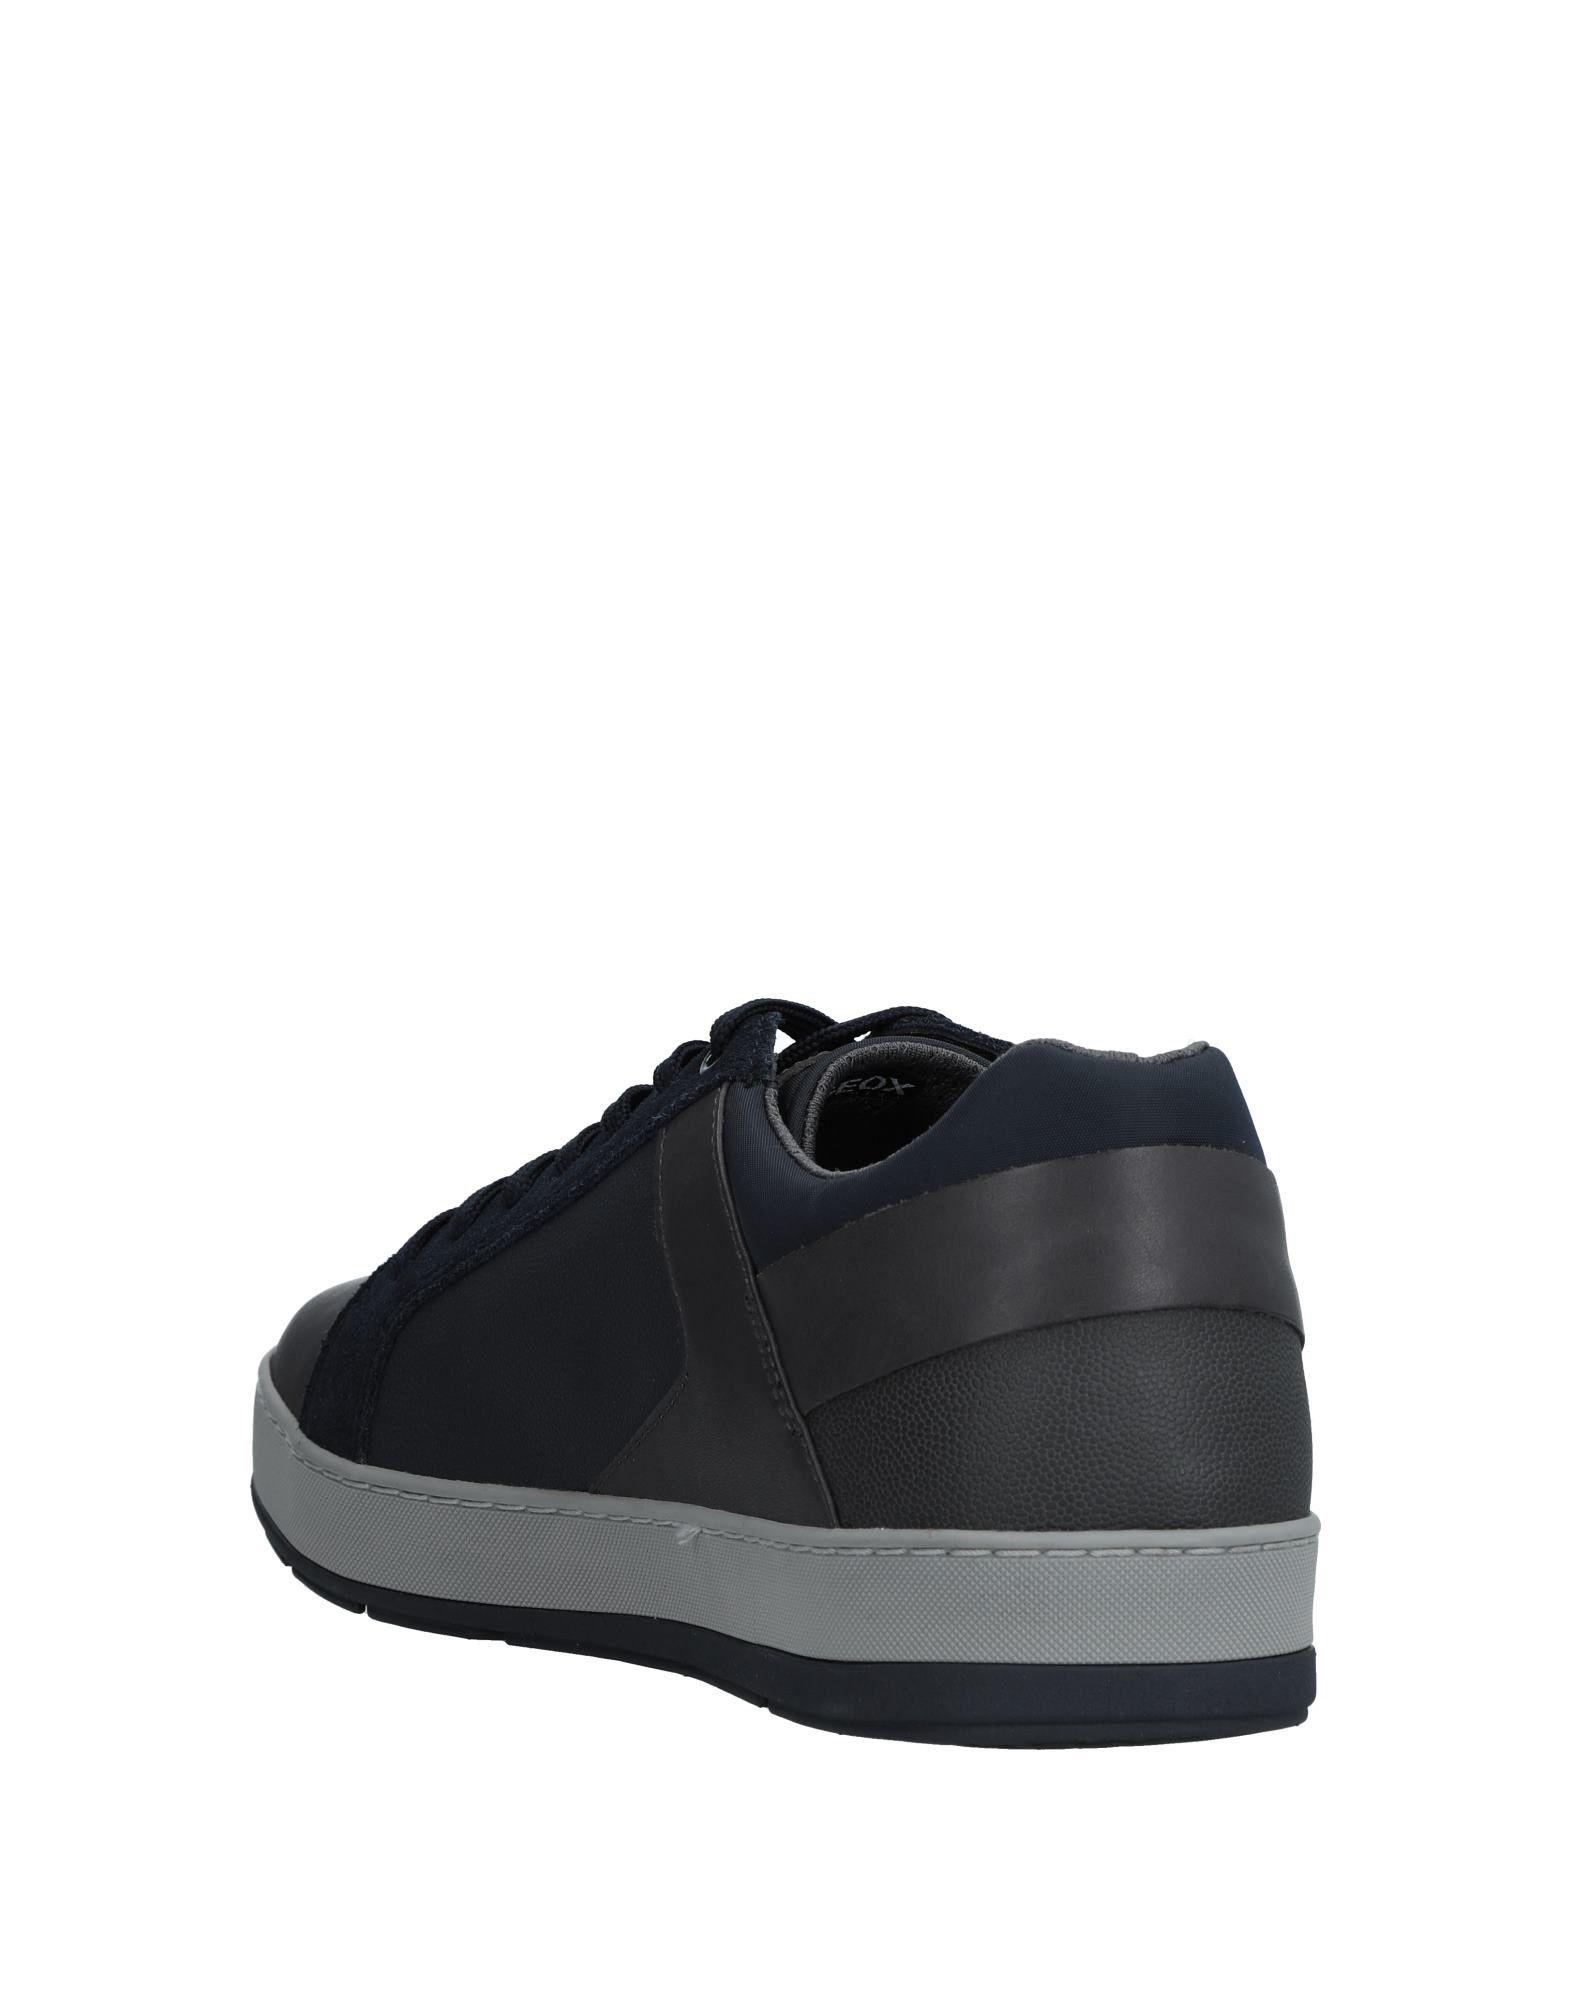 Geox Geox Geox Sneakers Herren Gutes Preis-Leistungs-Verhältnis, es lohnt sich c864ac